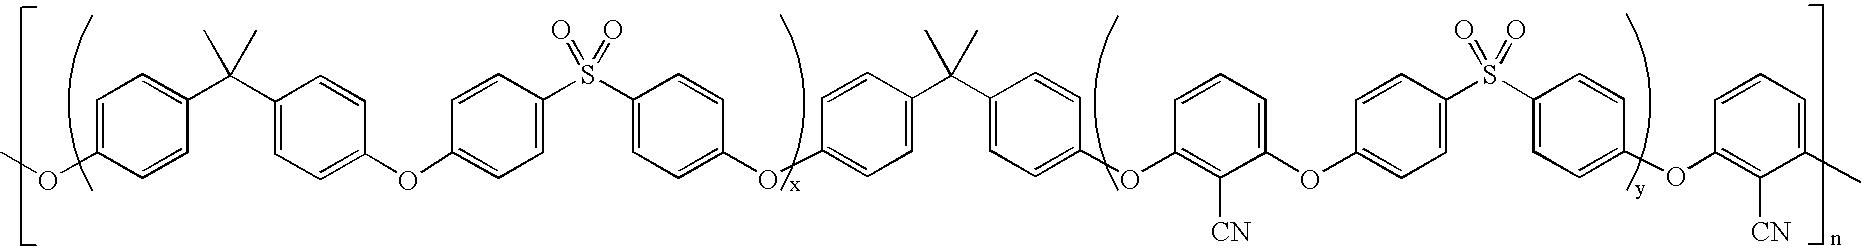 Figure US07695628-20100413-C00014